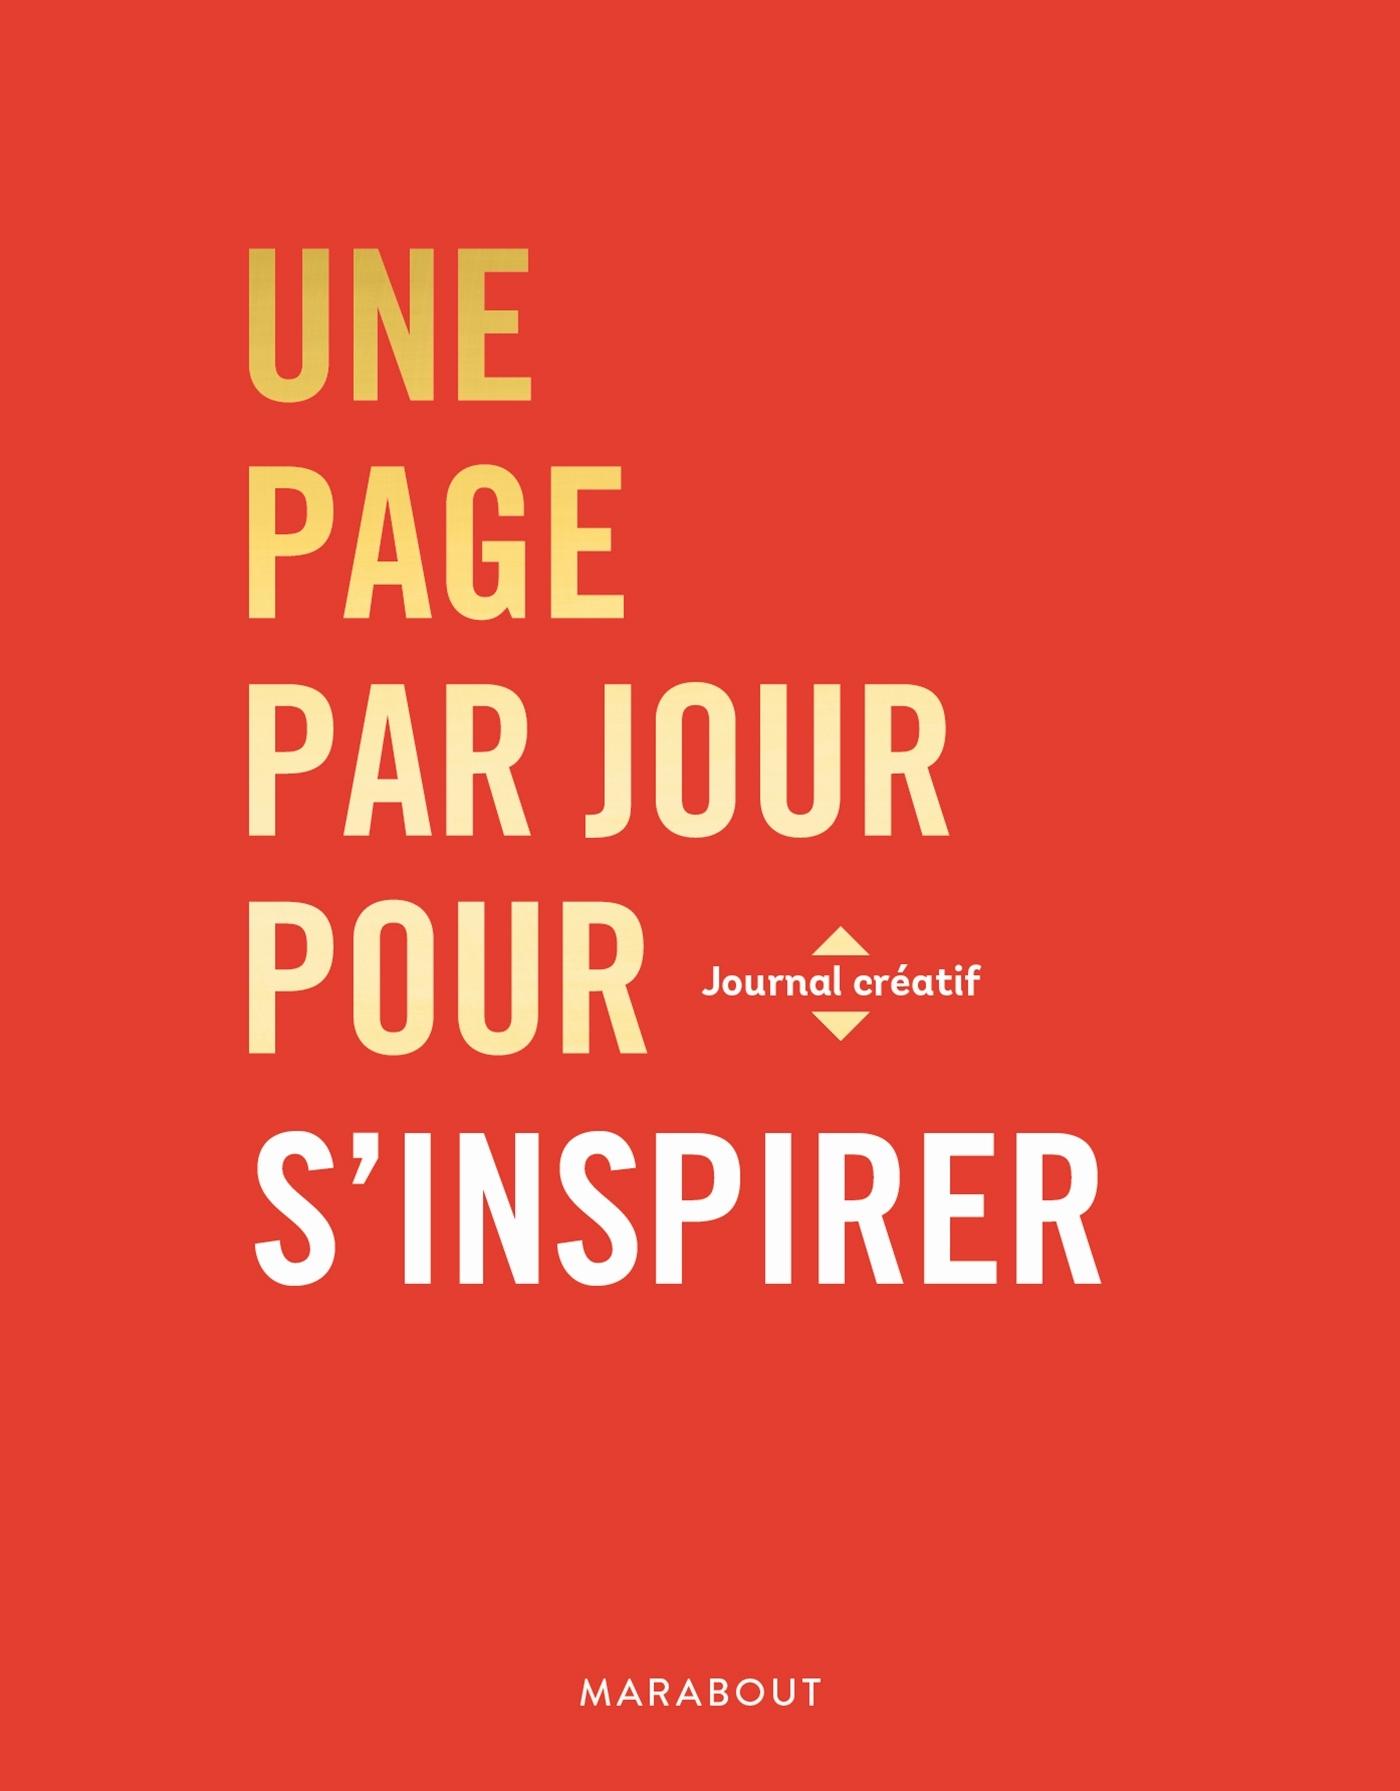 UNE PAGE PAR JOUR POUR S'INSPIRER